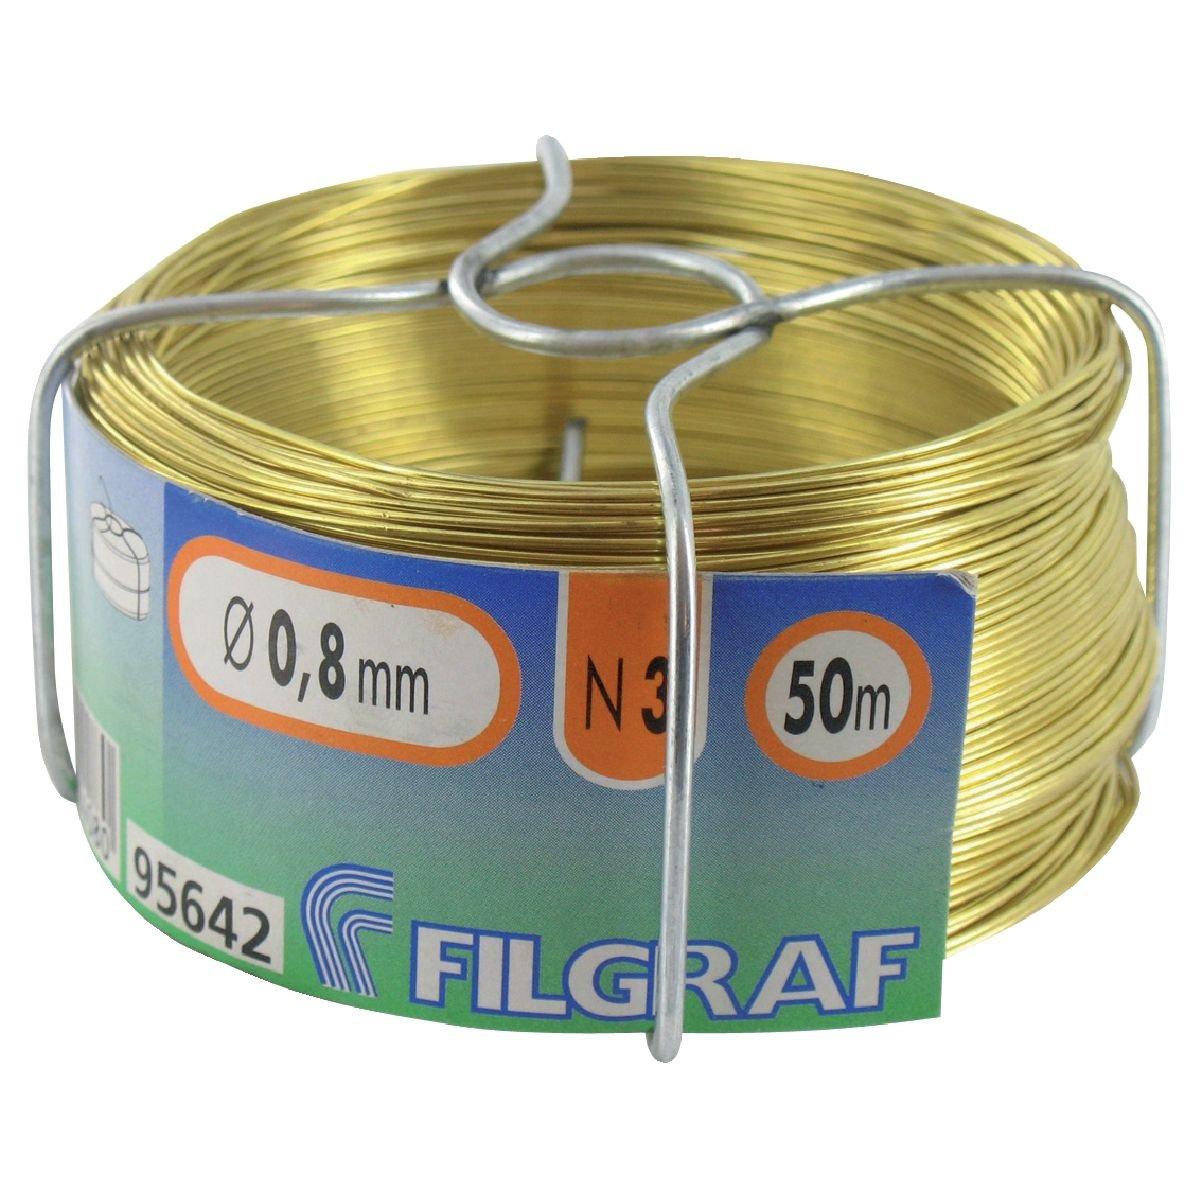 Alambre para fijar filgraf? Lató n? 50 m? ø 0.8 mm 311571 Générique GRAFOTT03